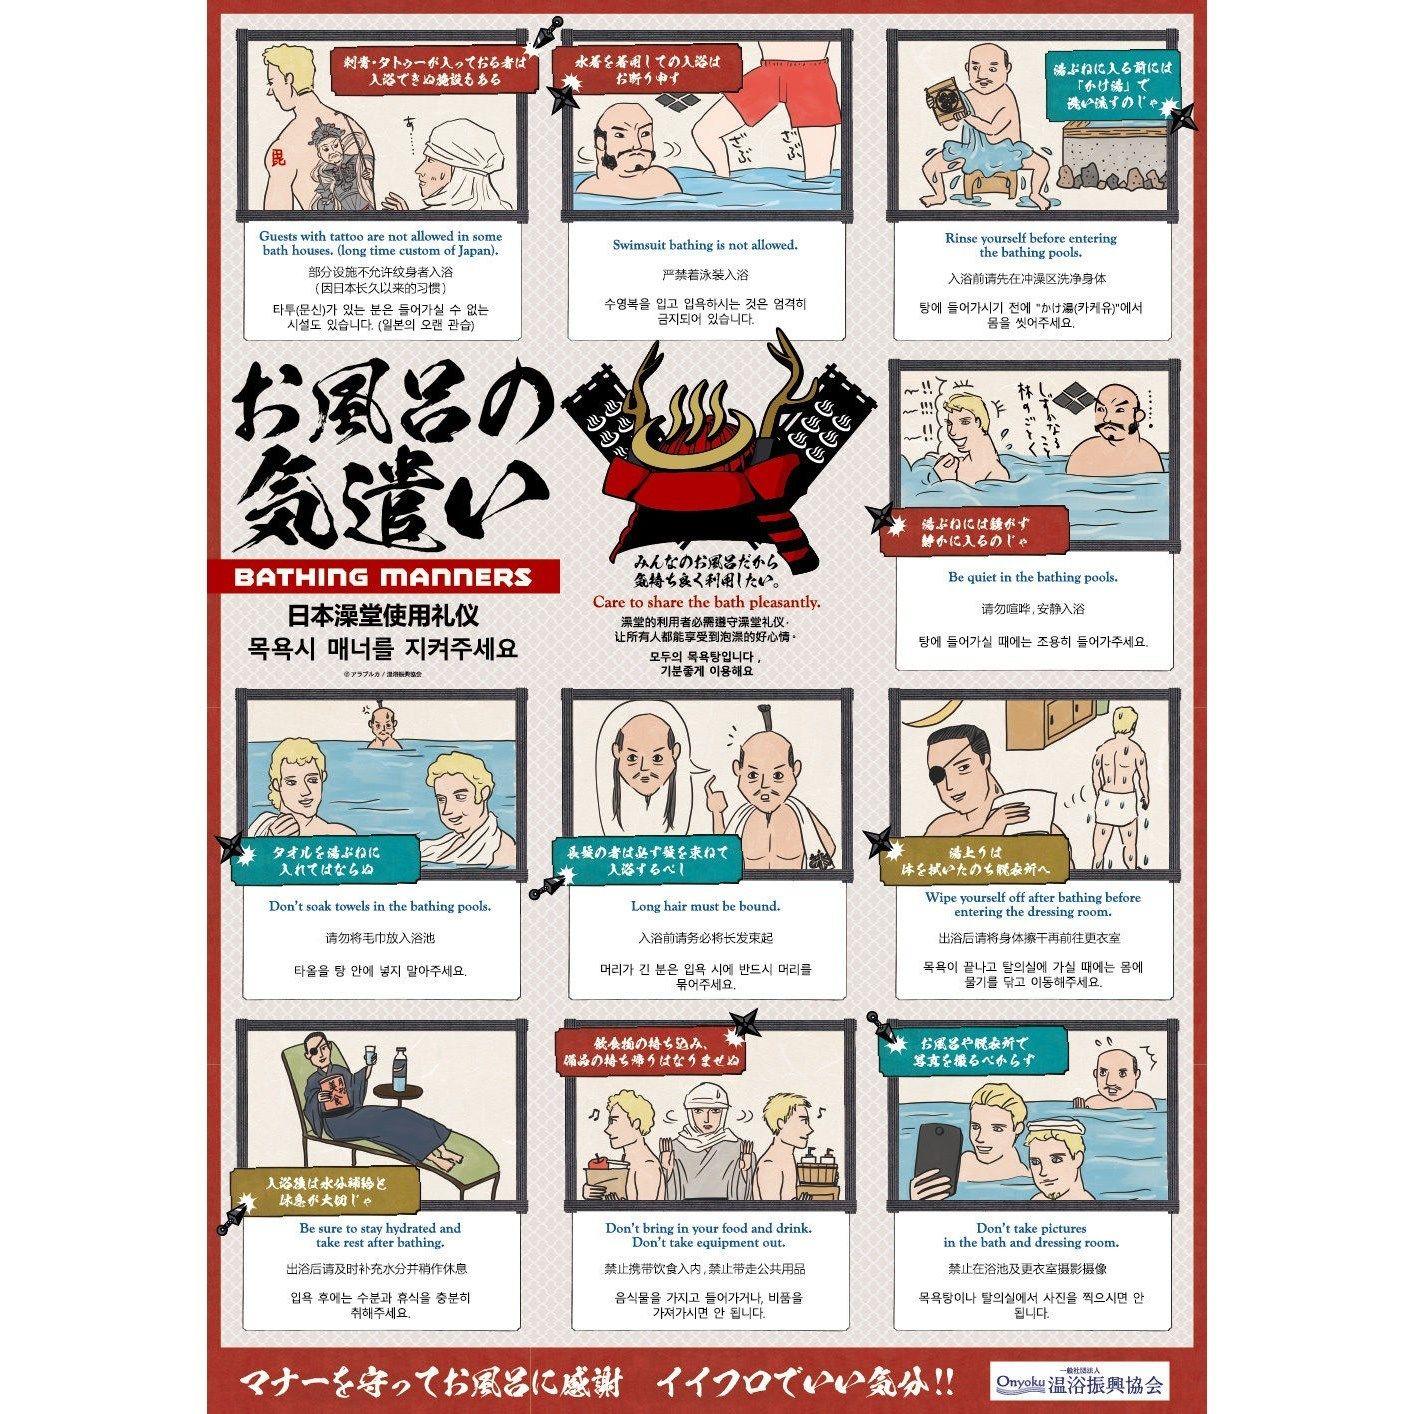 「ゆーゆオリジナルお風呂のマナーポスター・インバウンド向け 戦国武将編」Dセット(2枚セット)